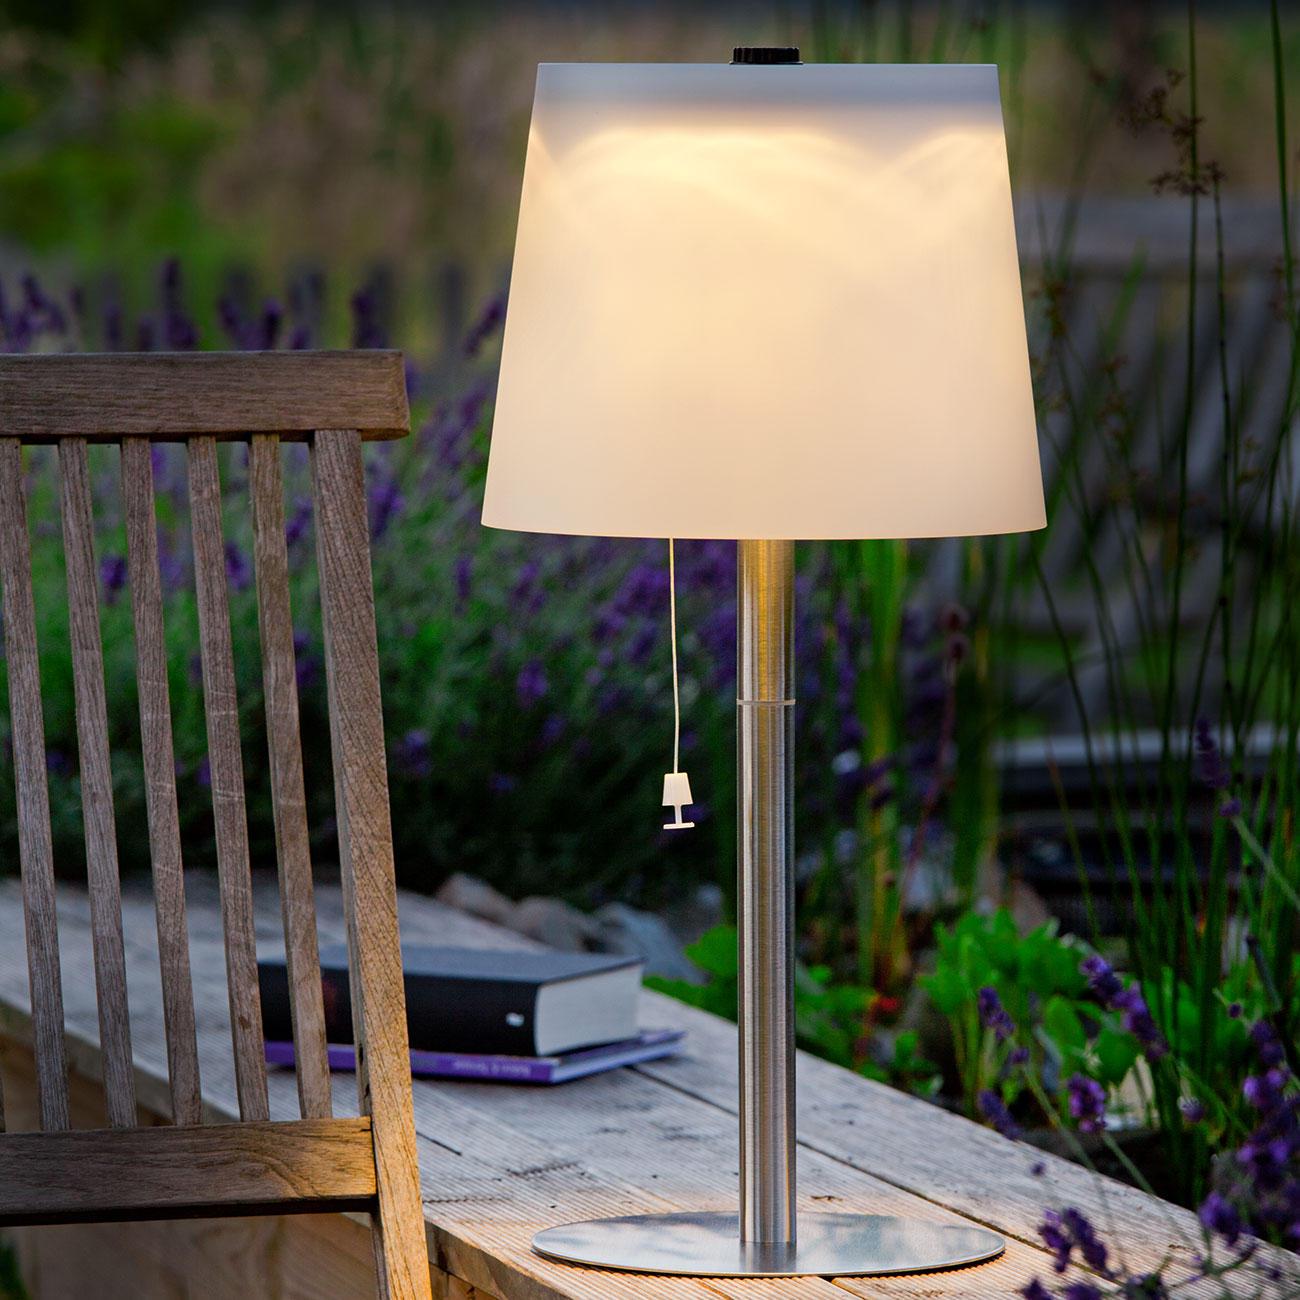 Lampe de table ou suspension solaire pas cher pro idee - Lampe solaire interieur pas cher ...